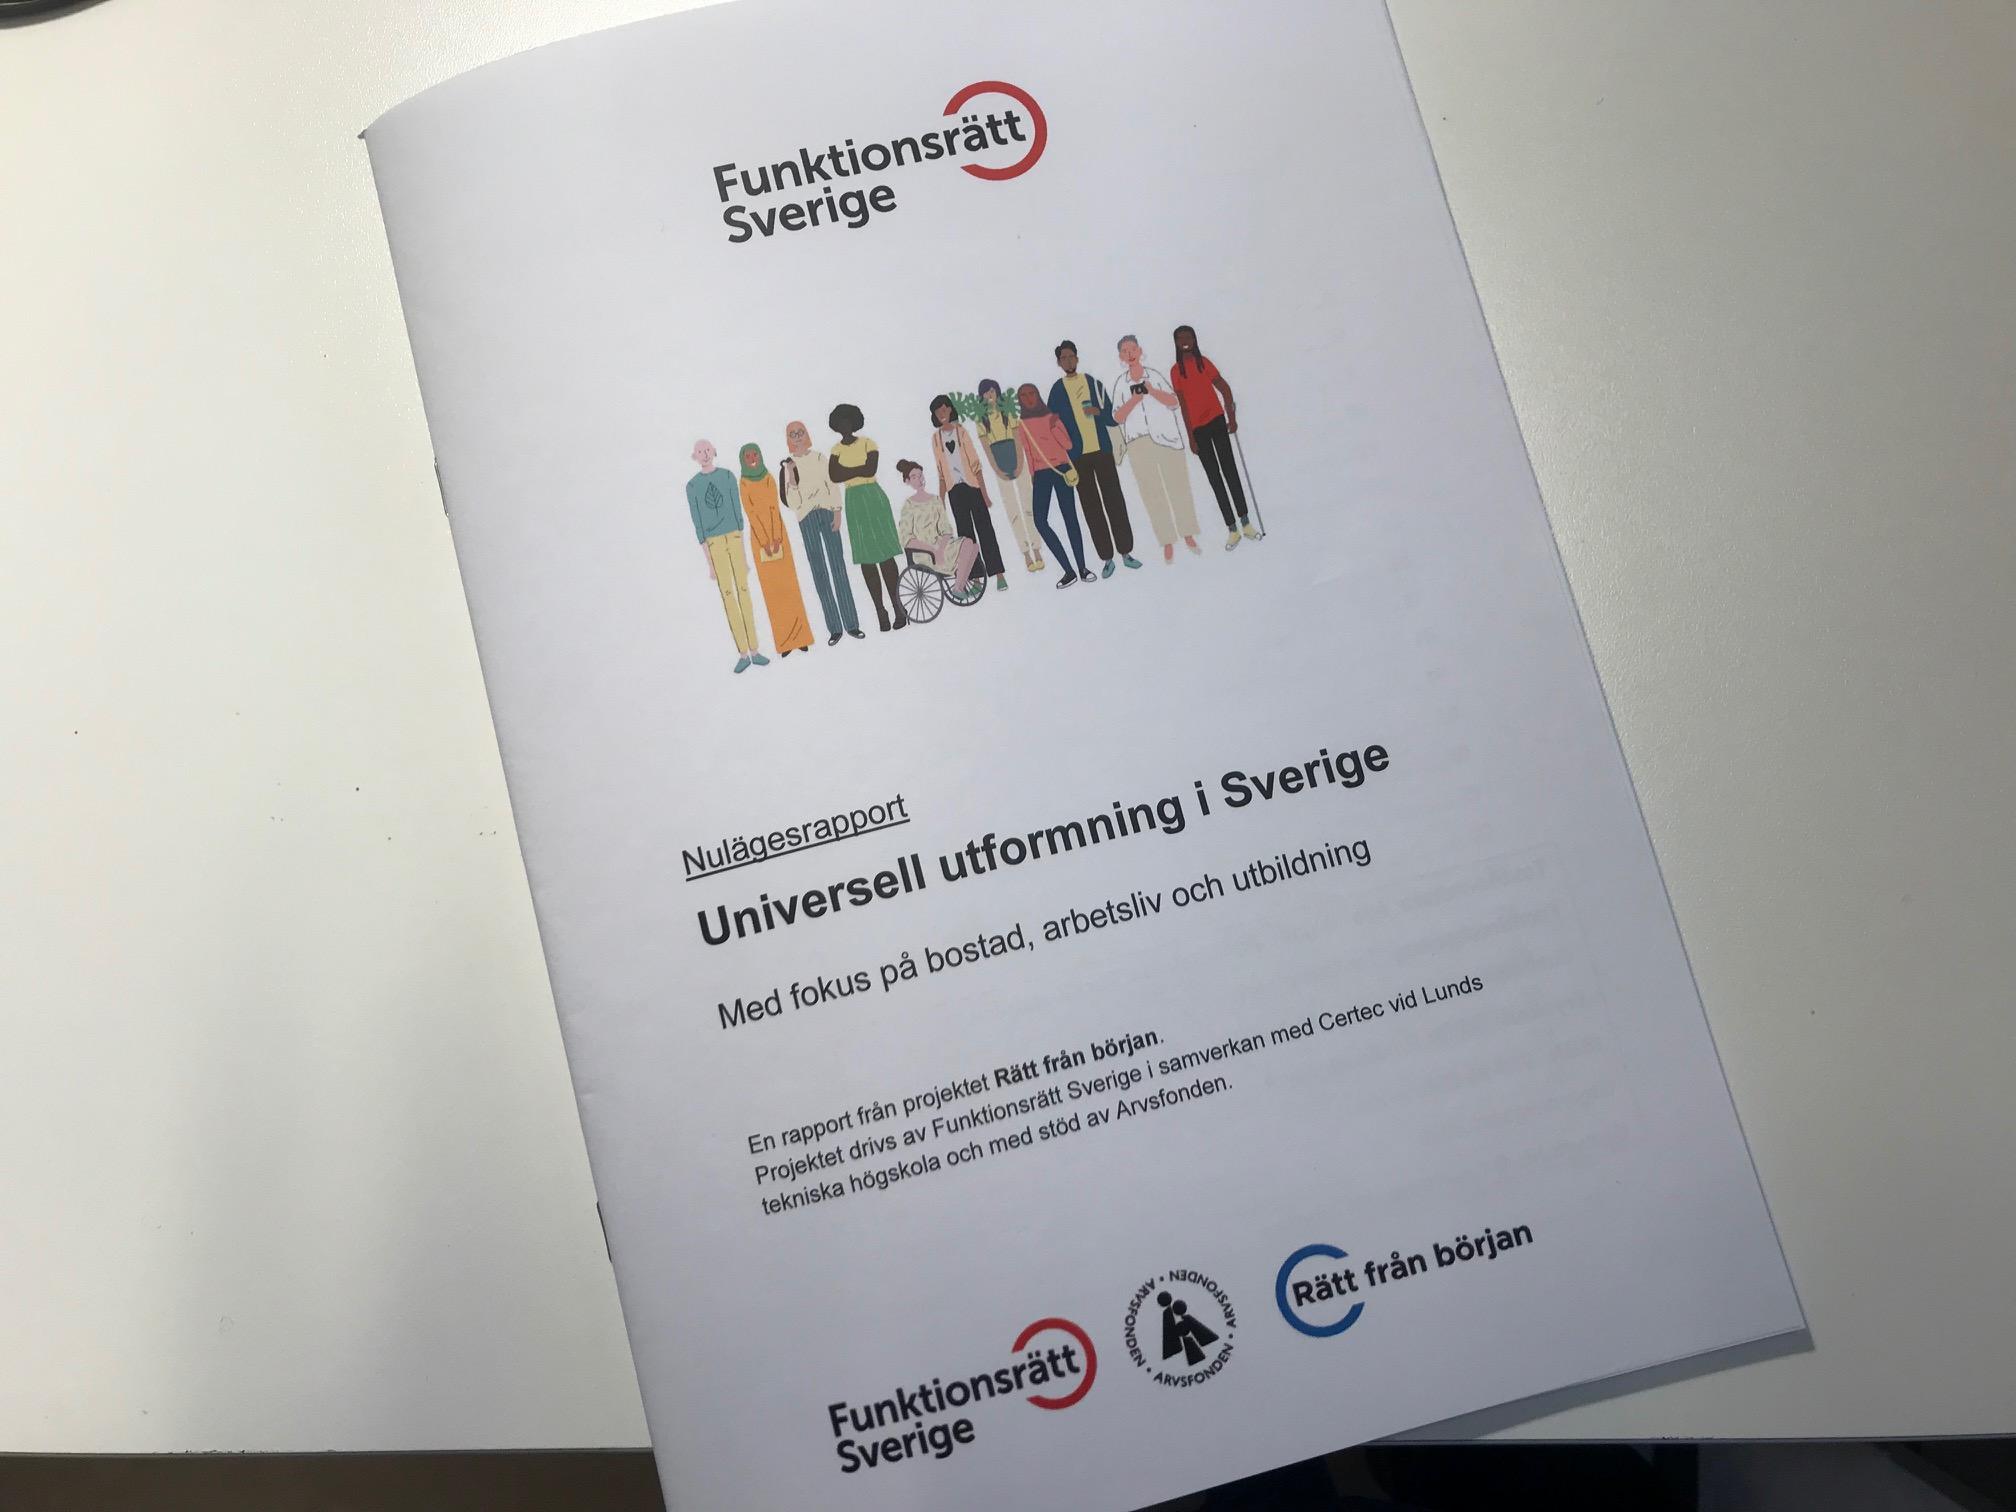 Nulägesrapport: Utmaningar och möjligheter för universell utformning i Sverige